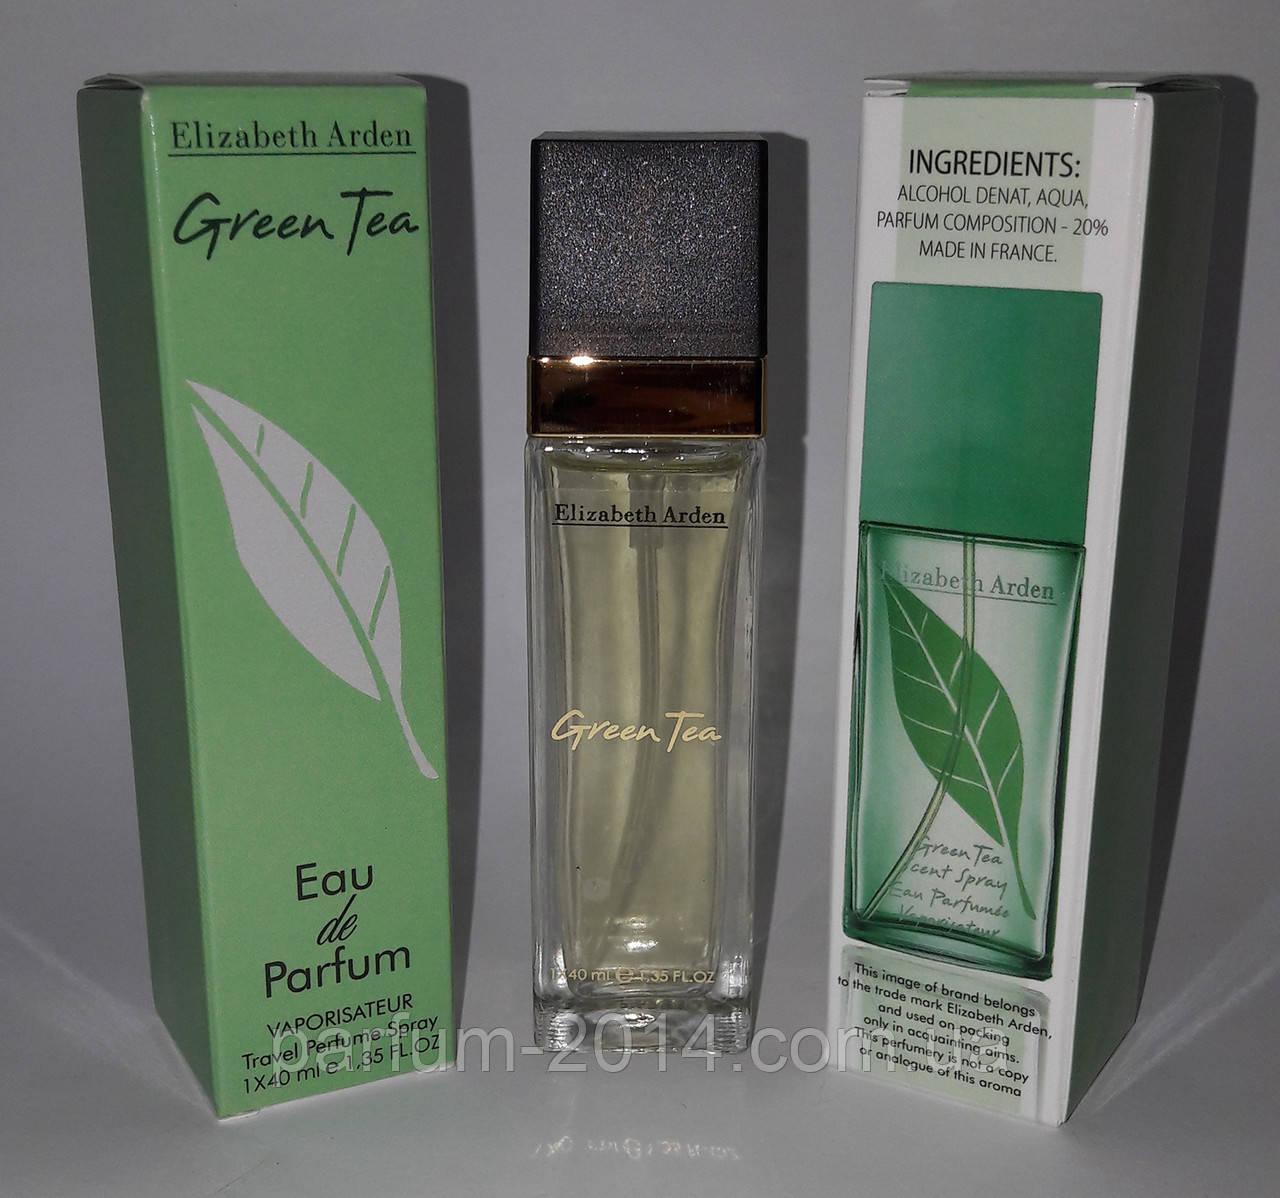 Мини парфюм Elizabeth Arden Green Tea 40 ml (реплика) - Parfum-2014 - Интернет-магазин парфюмерии и косметики в Харькове